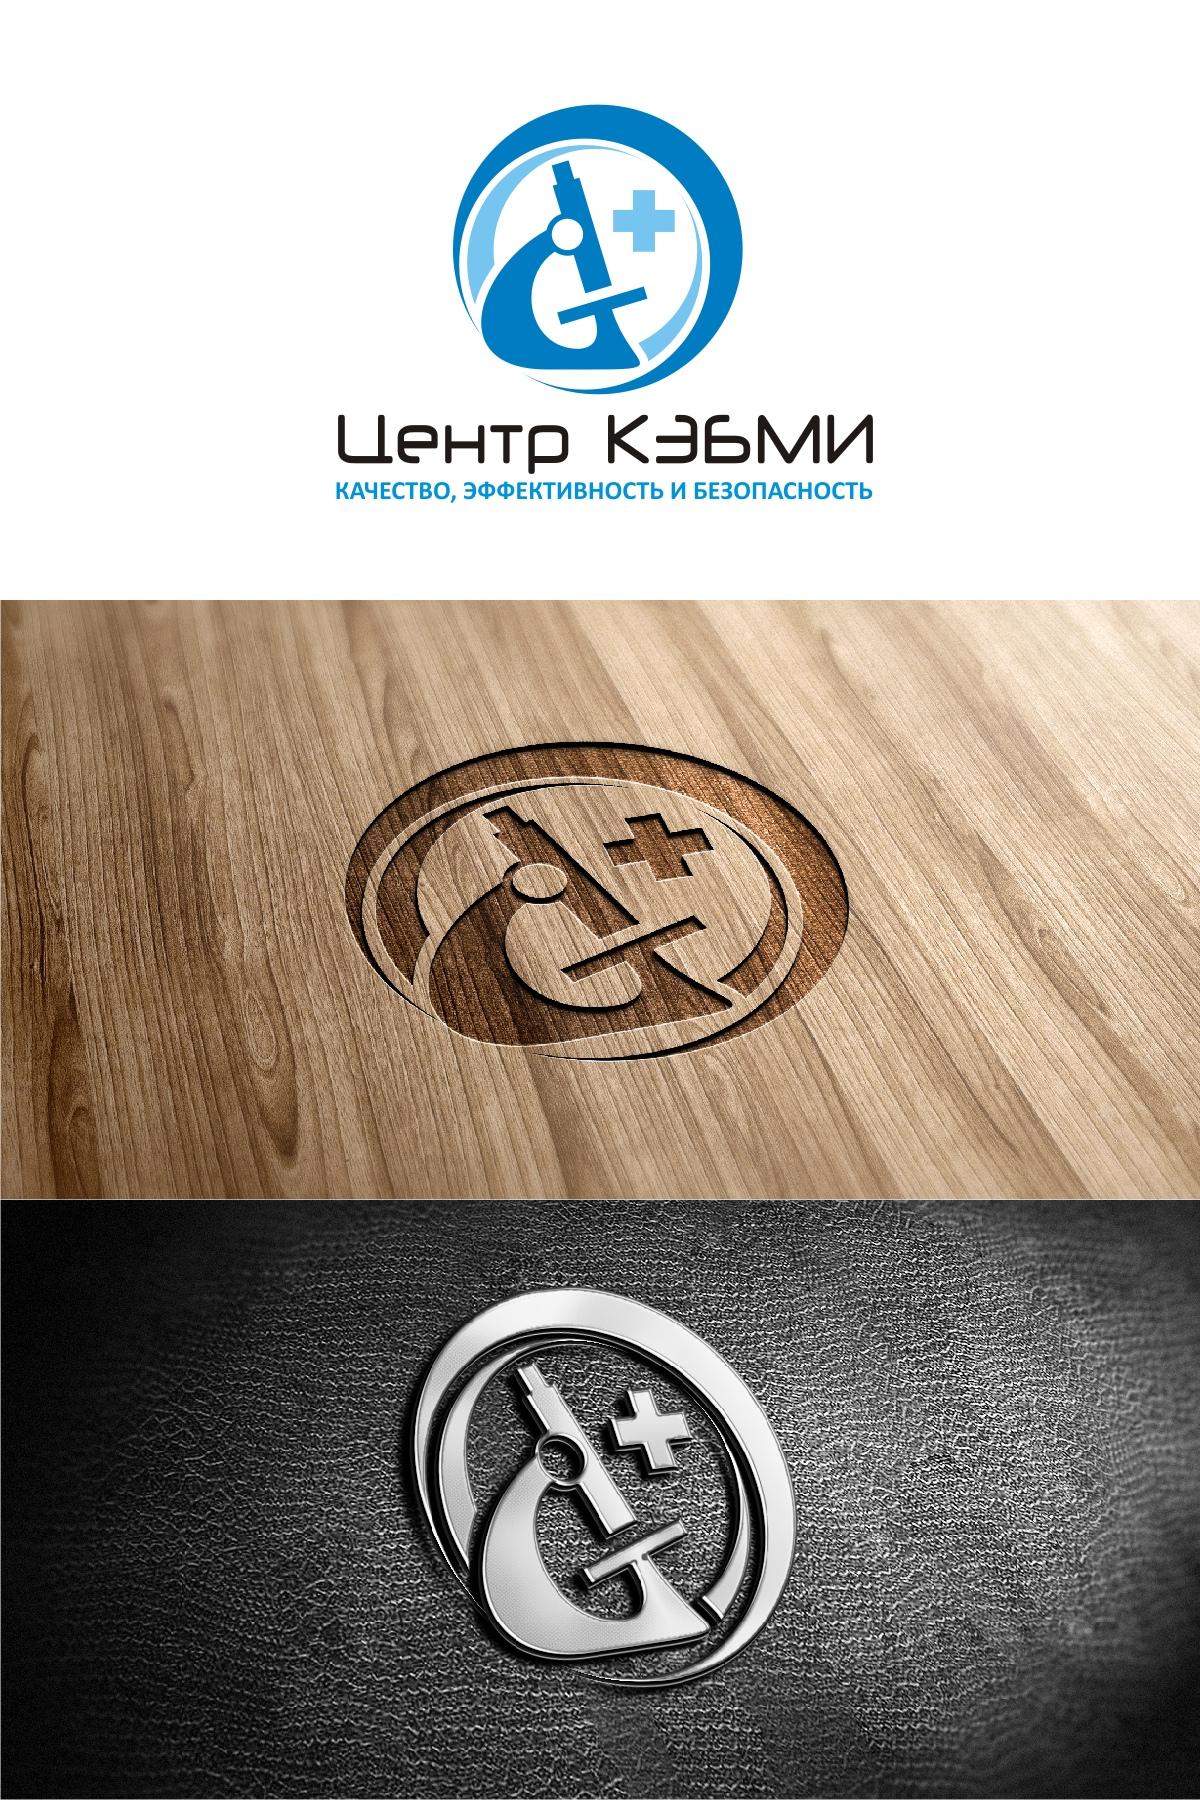 Редизайн логотипа АНО Центр КЭБМИ - BREVIS фото f_1025b26a079e6b0a.jpg